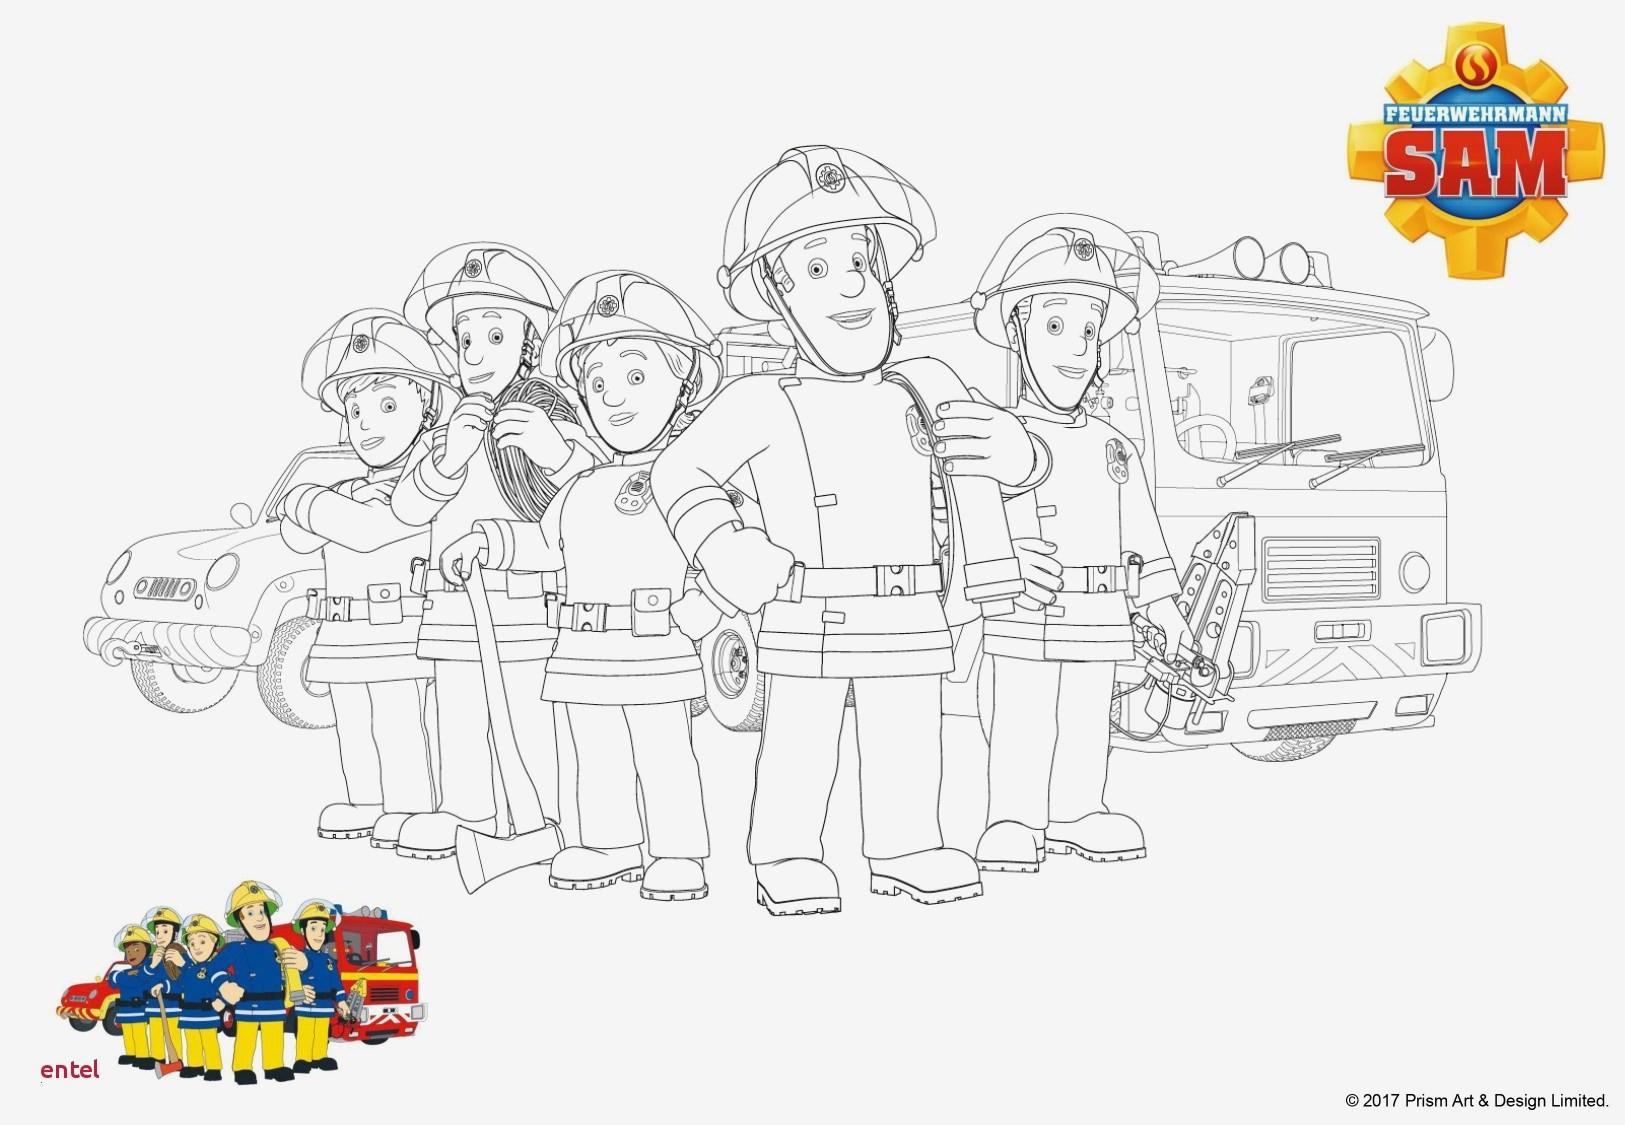 Feuerwehrmann Sam Bilder Drucken Inspirierend 44 Schön Ausmalbilder Feuerwehrmann Sam Elvis Malvorlagen Sammlungen Bilder